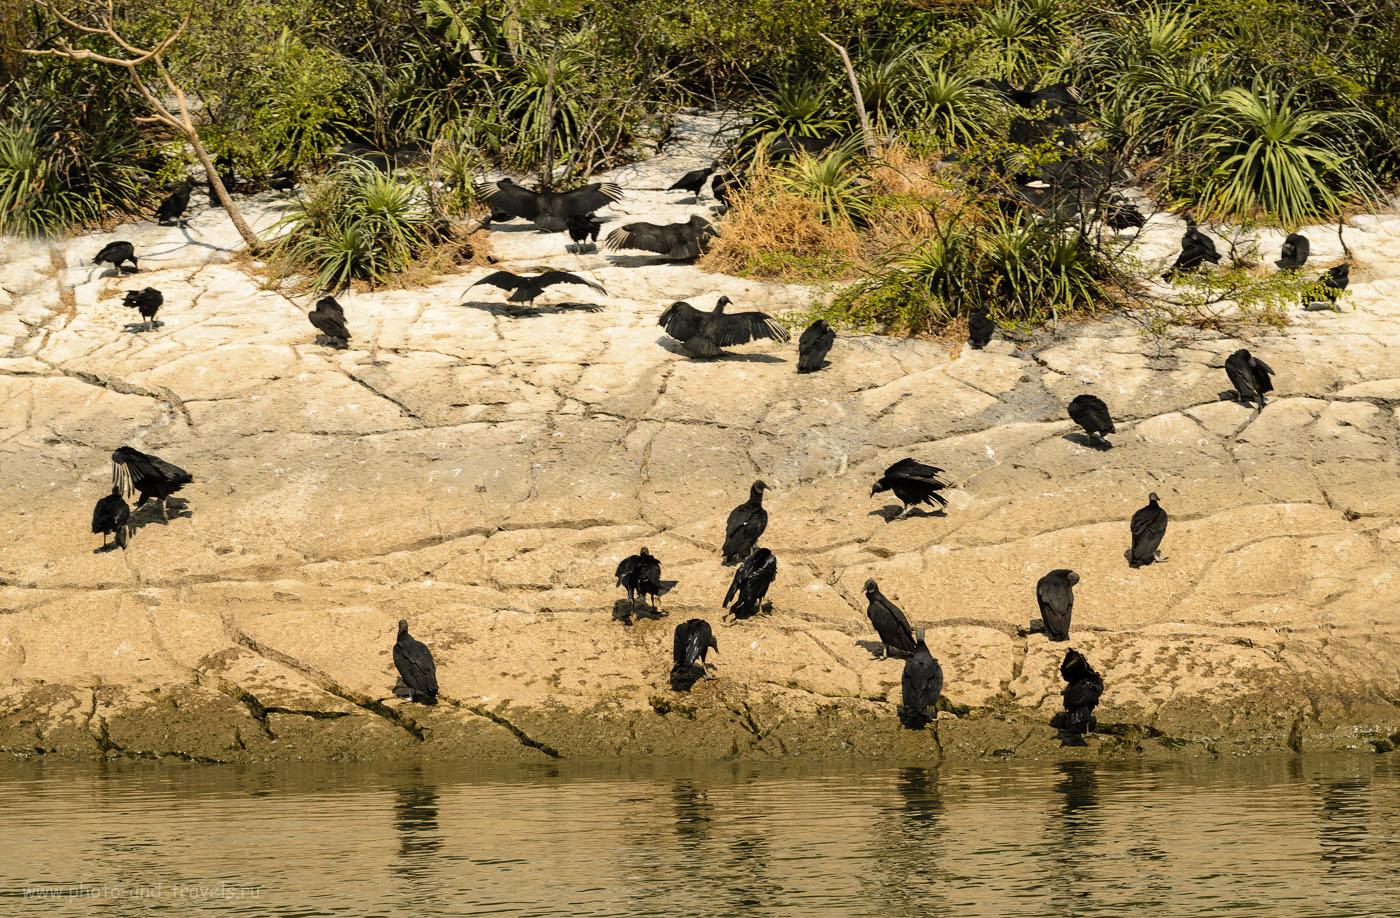 Фотография 7. Птичий базар в национальном парке Каньон Сумидеро в Мексике. Берег реки Грихальва. Отзывы о самостоятельной экскурсии.